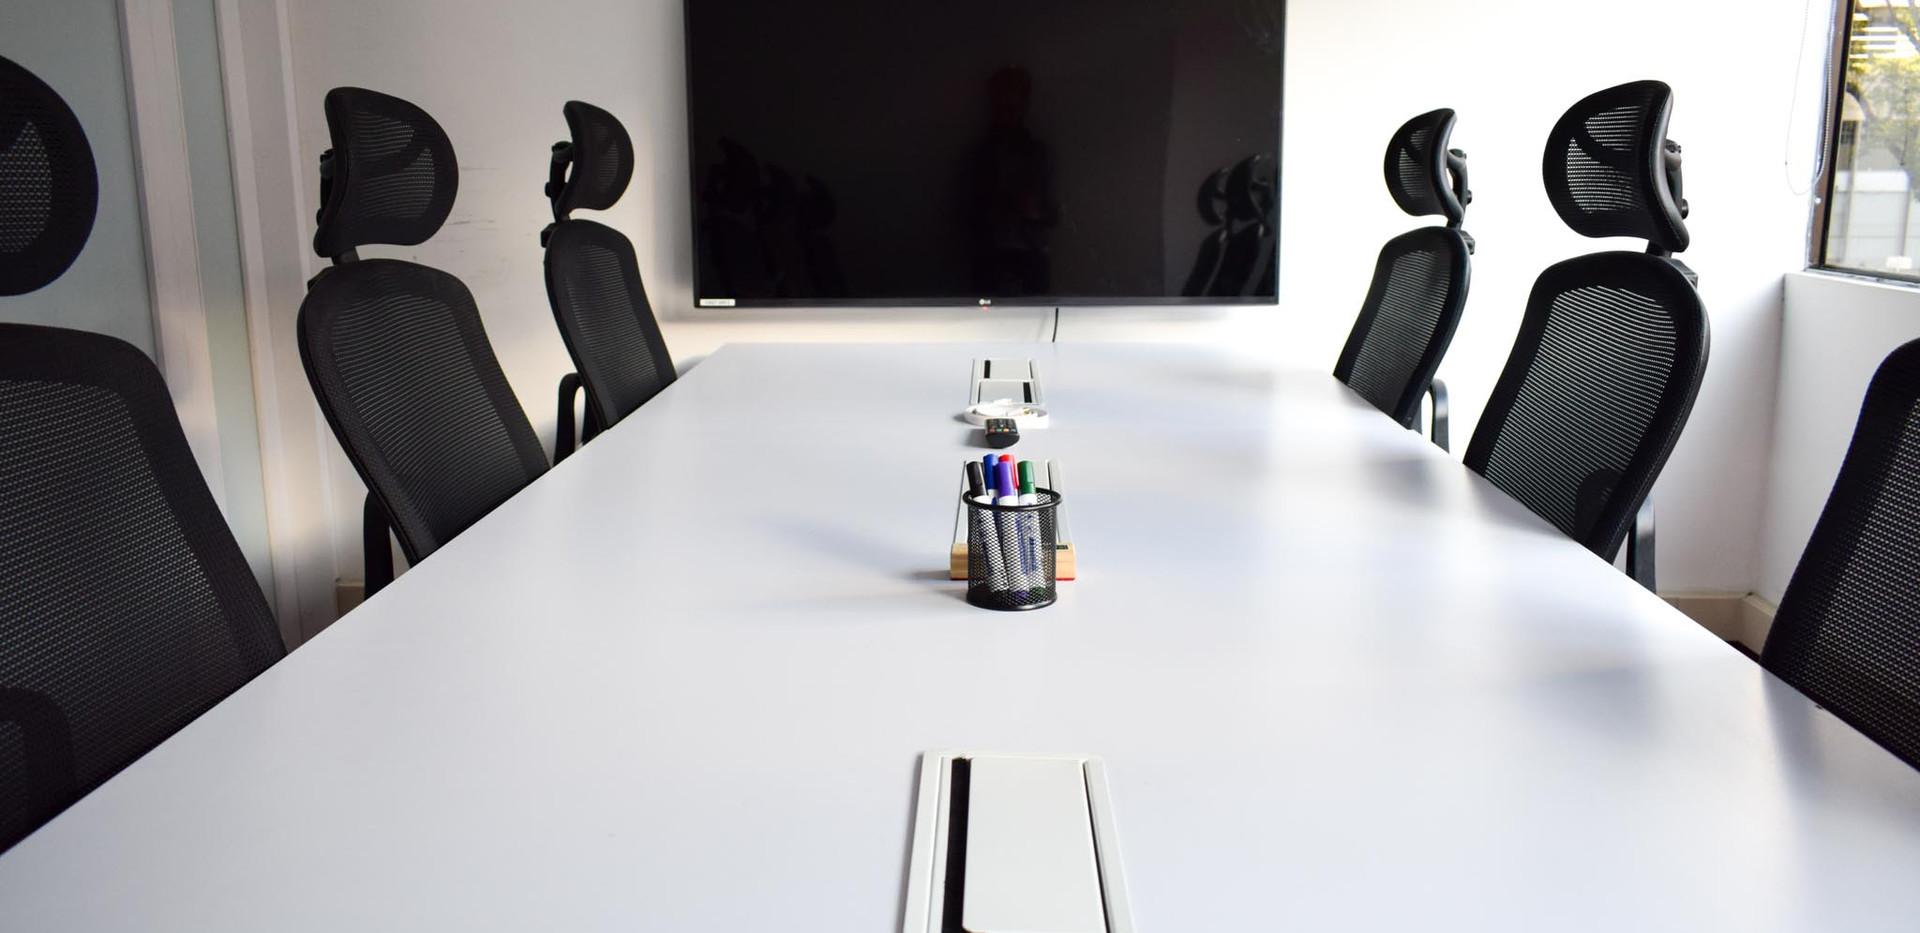 espacios-de-reuniones.jpg